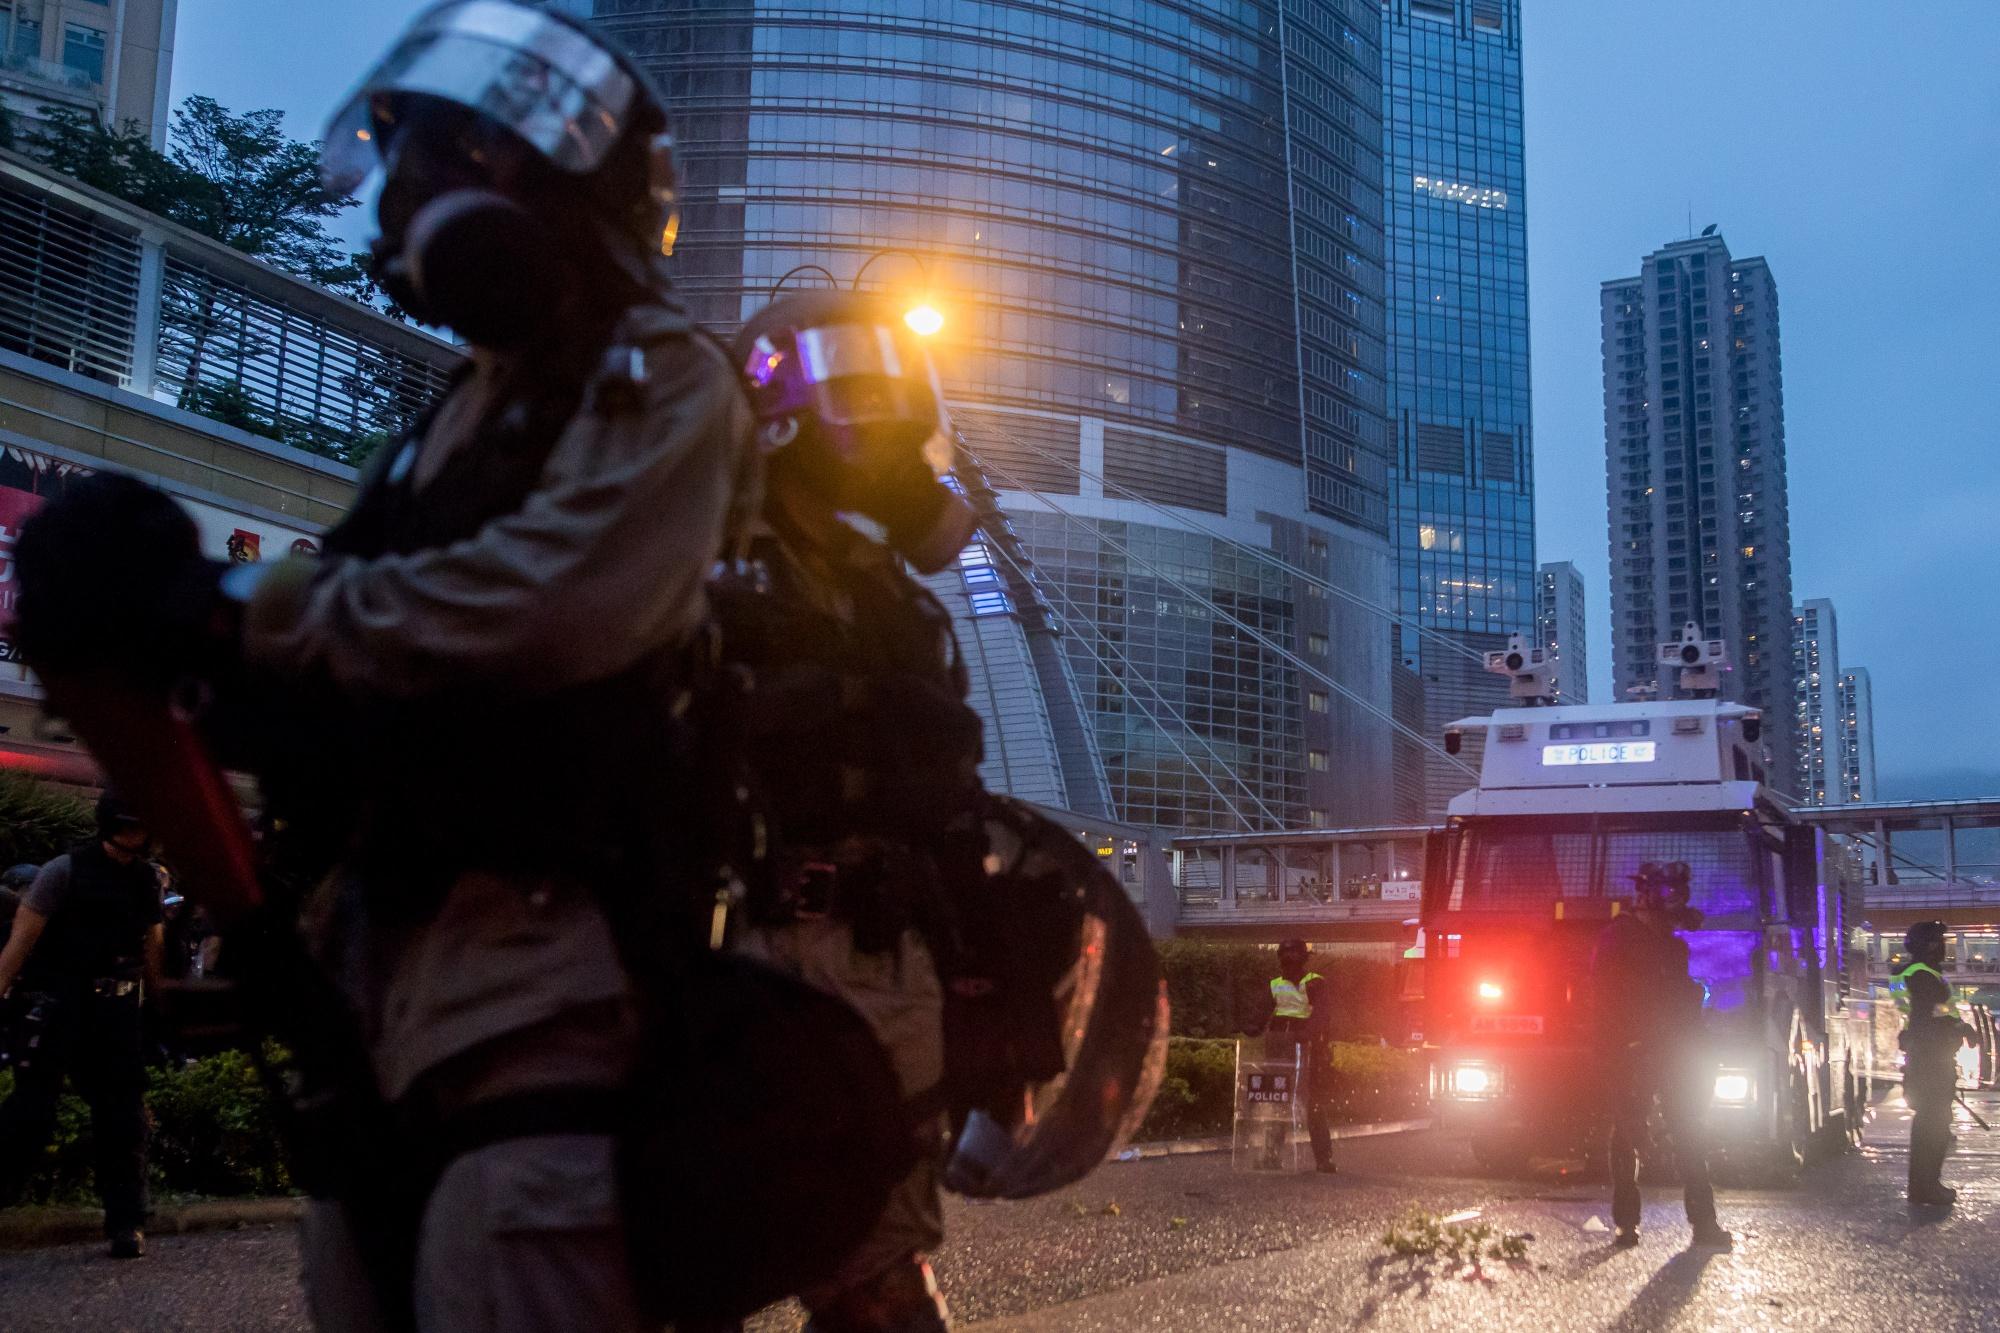 中国は介入示唆、香港の抗議デモ激化で警察は放水砲や催涙ガス使用 - Bloomberg